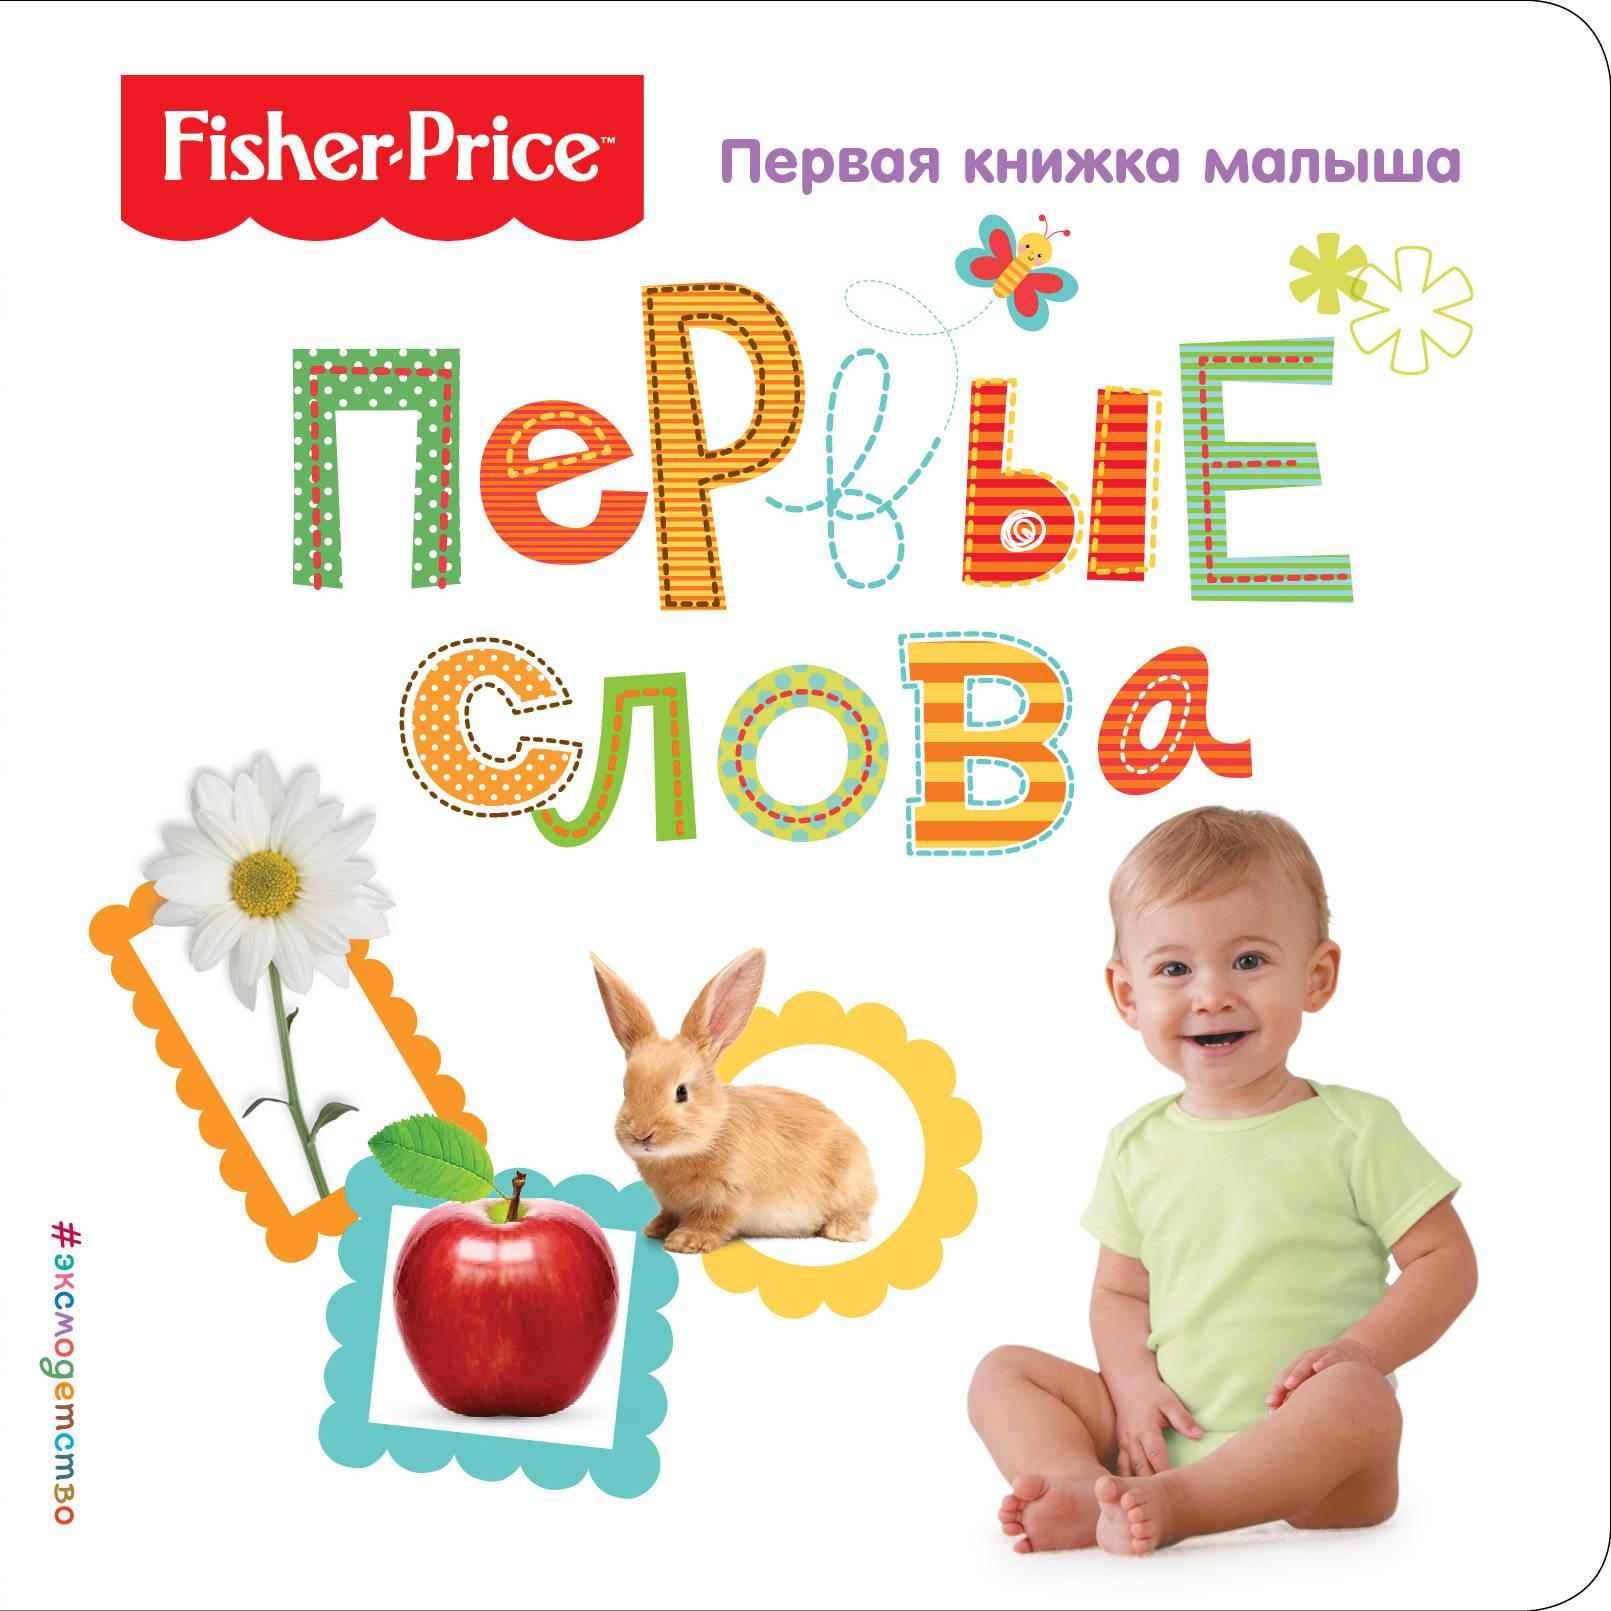 Фото - Fisher Price. Первые слова. Первая книжка малыша эксмо первая книжка малыша fisher price первые слова